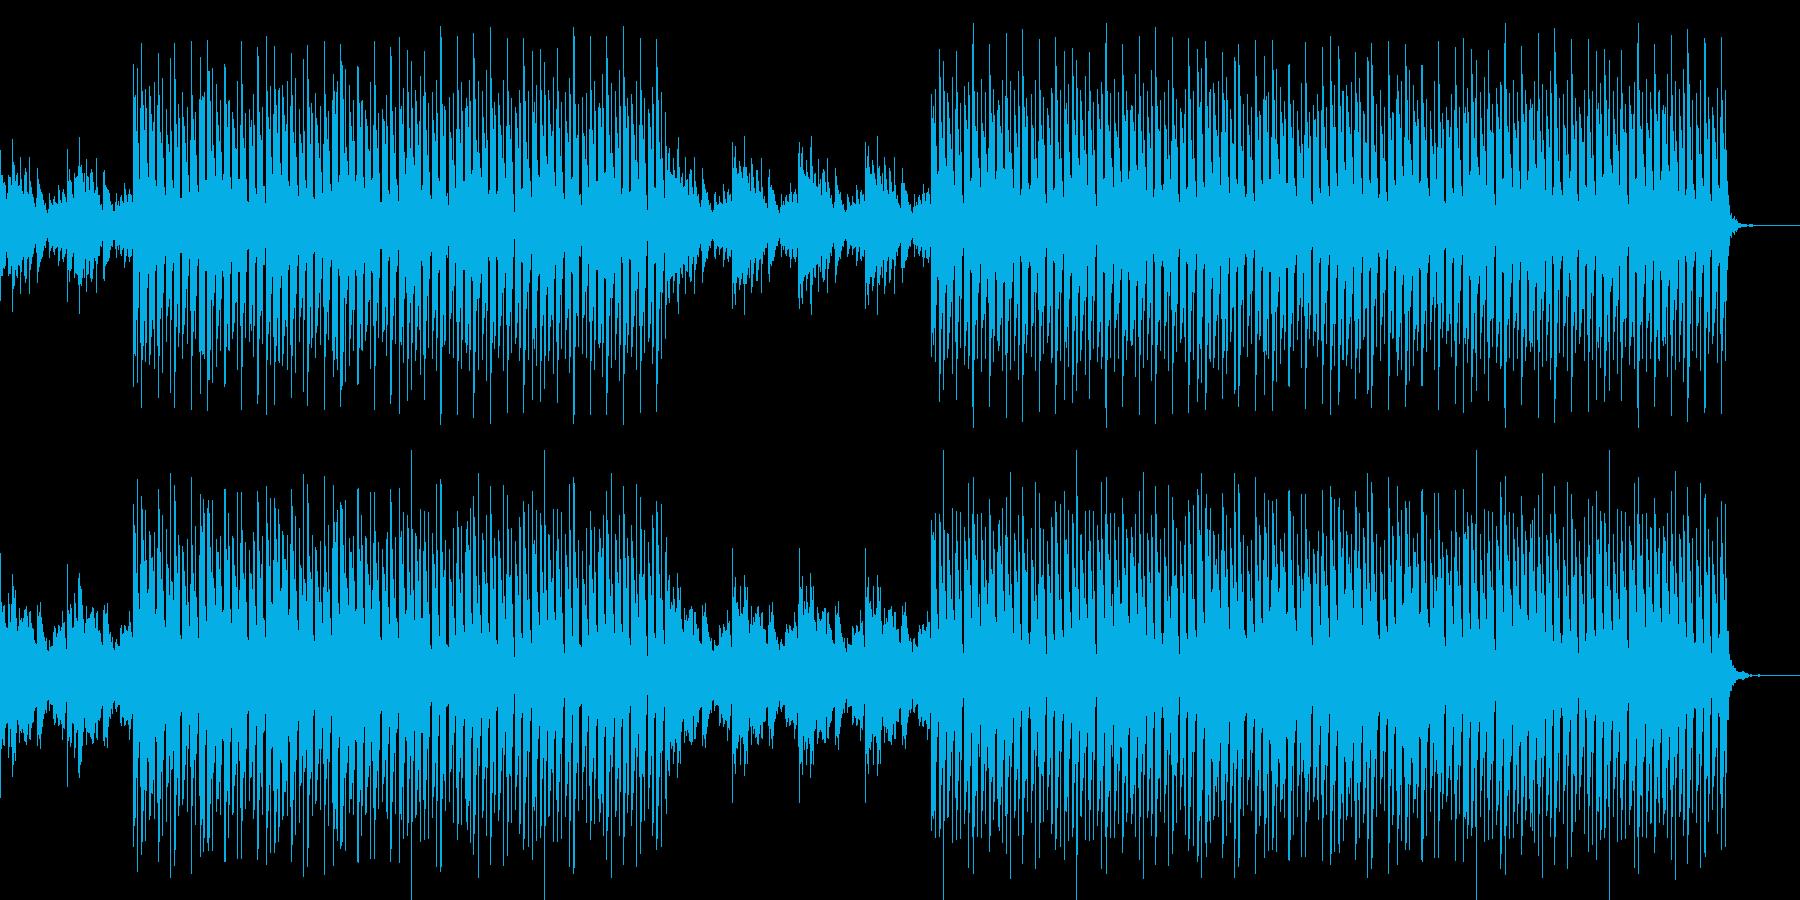 おしゃれ・エスニック・EDM・透明感2の再生済みの波形